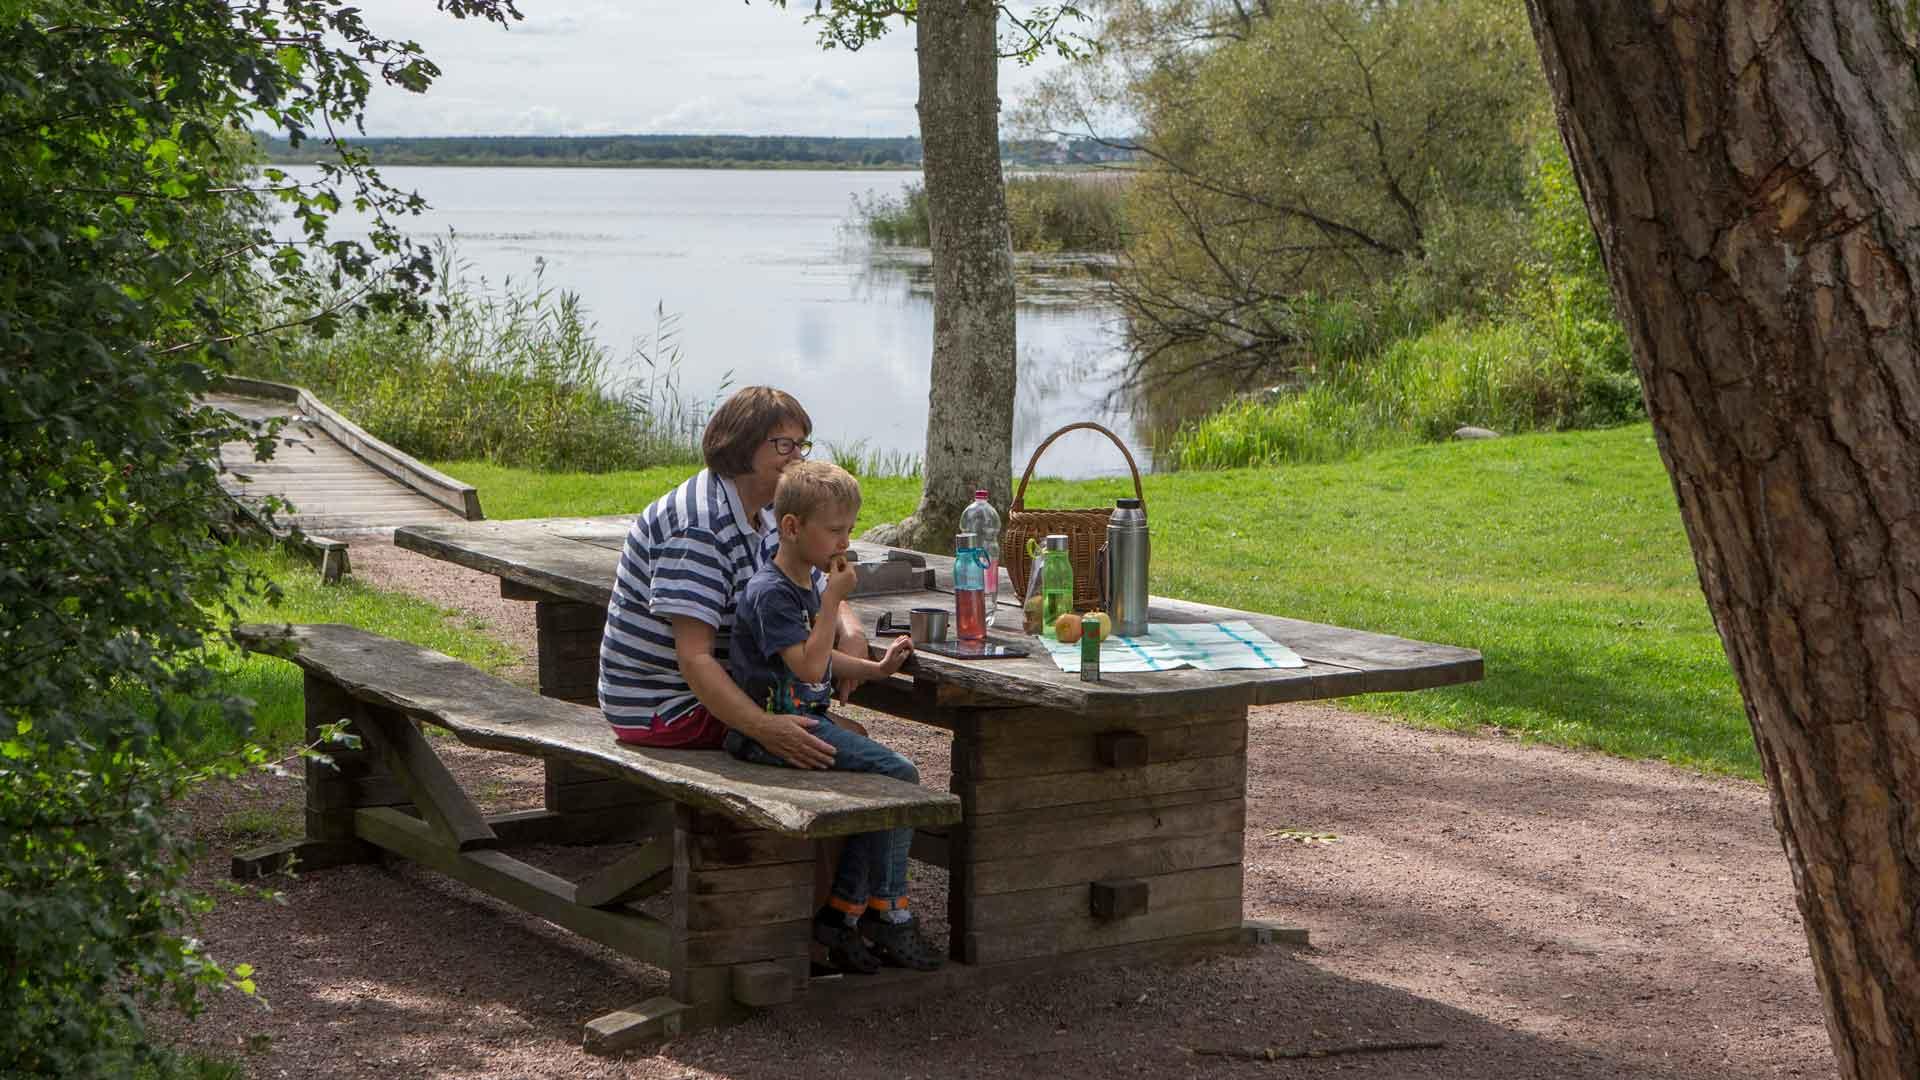 På Ekenabben finns ett rejält fikabord som är tillgänglighetsanpassat för rullstol. Foto: Patrik Olofsson/N